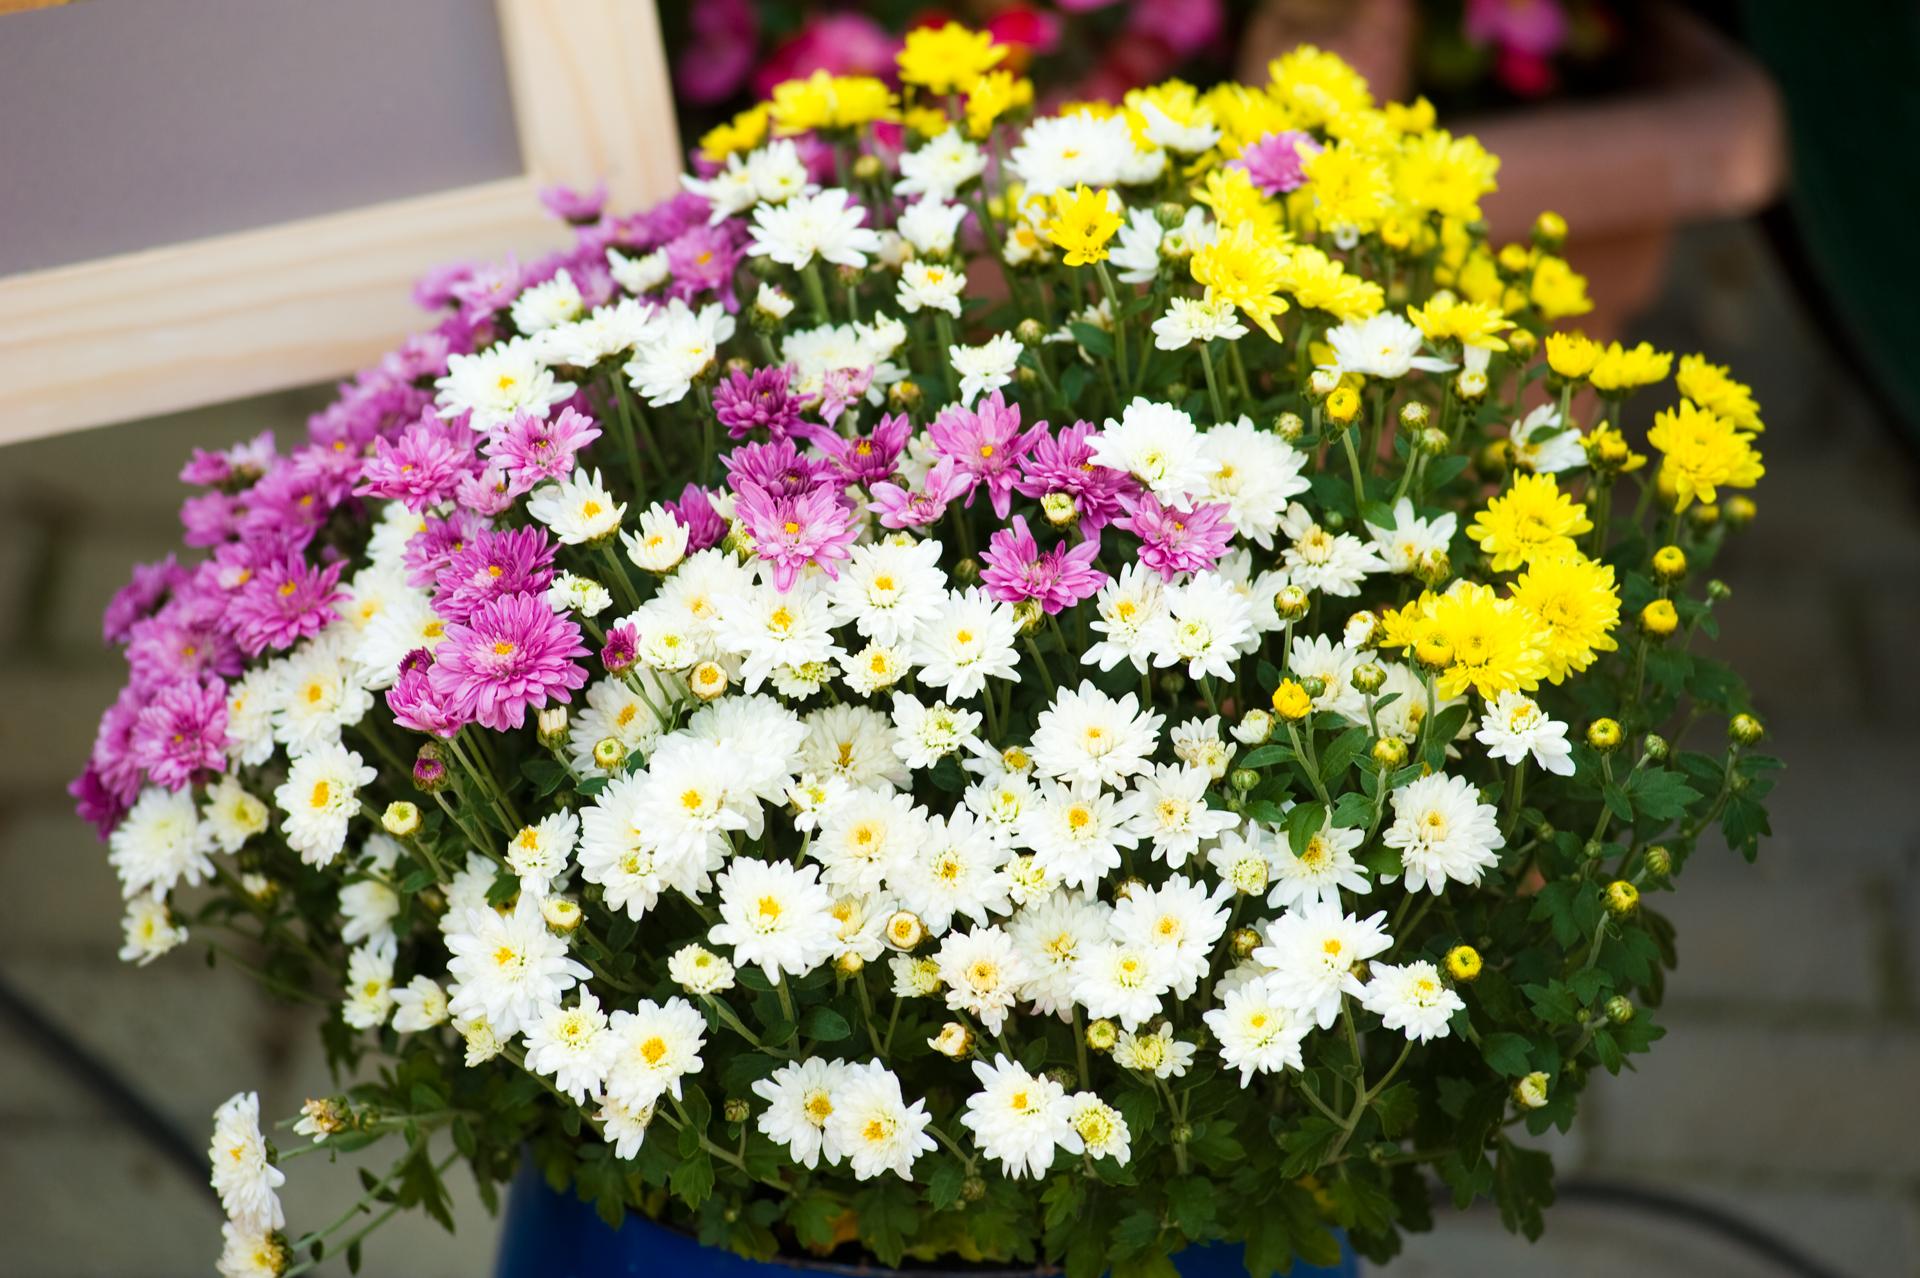 Napsütés és virágok színesítették a szombatot, mielőtt eljött volna az őszi idő.